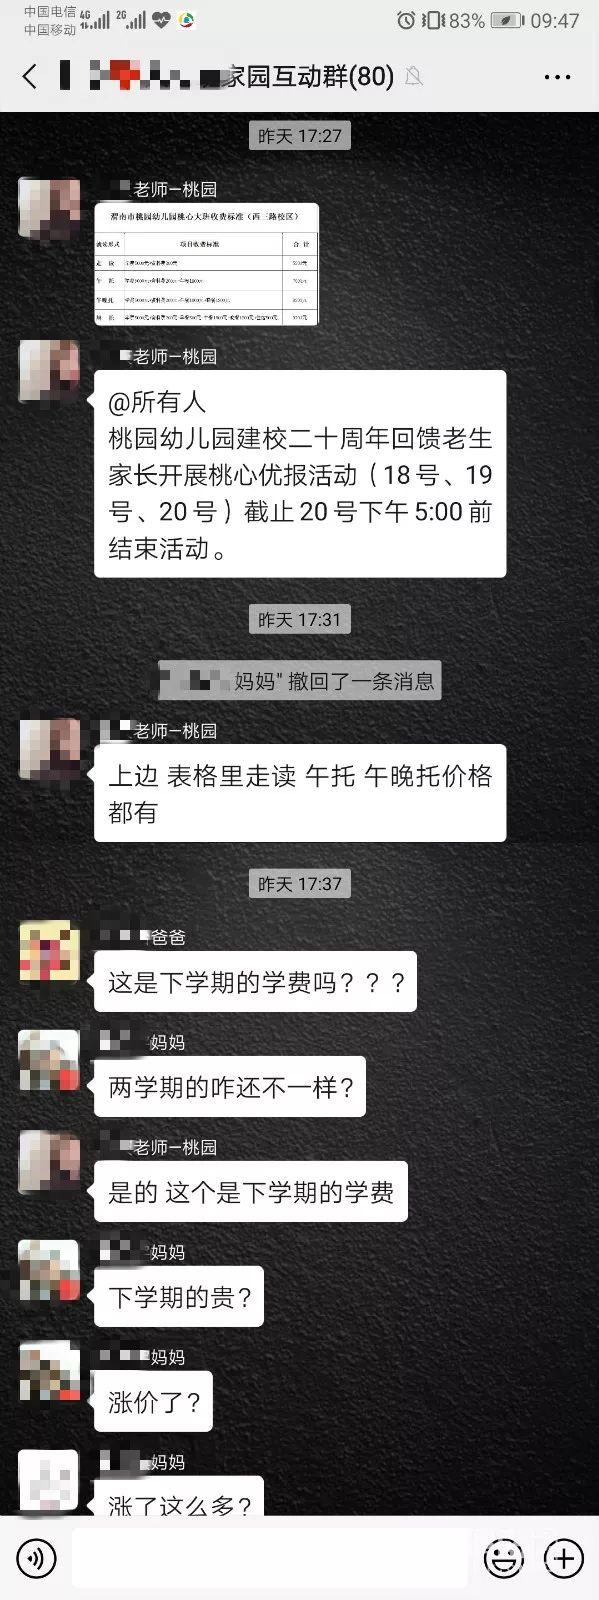 渭南城区一学前班被曝学费突然涨价2000元!家长群炸锅,一片怨声载道...